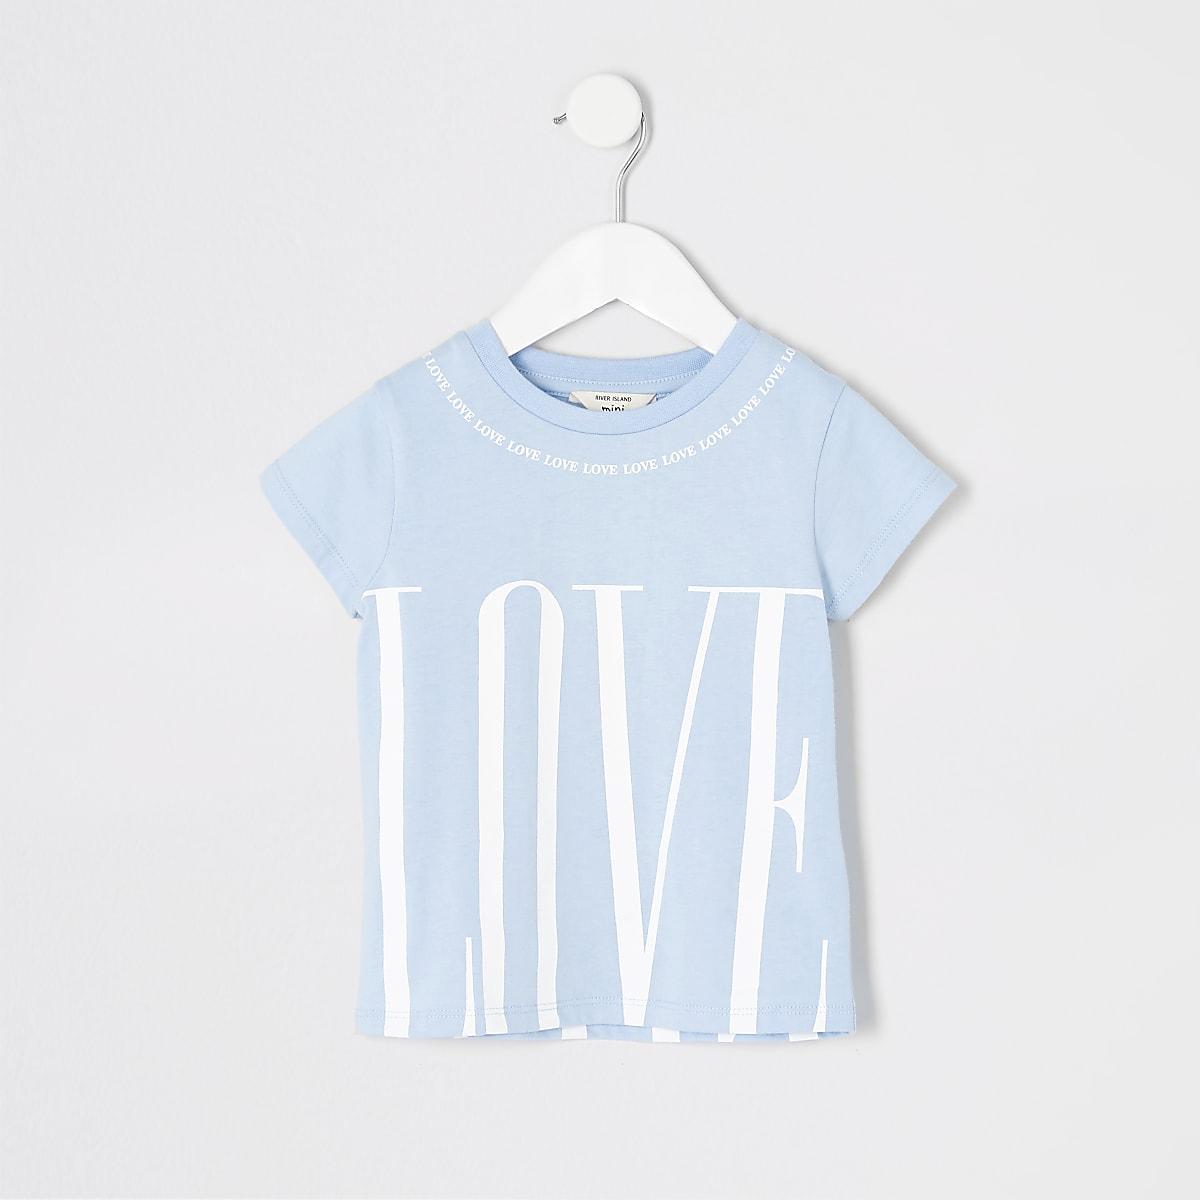 Mini - Blauw T-shirt met 'Love'-print voor meisjes